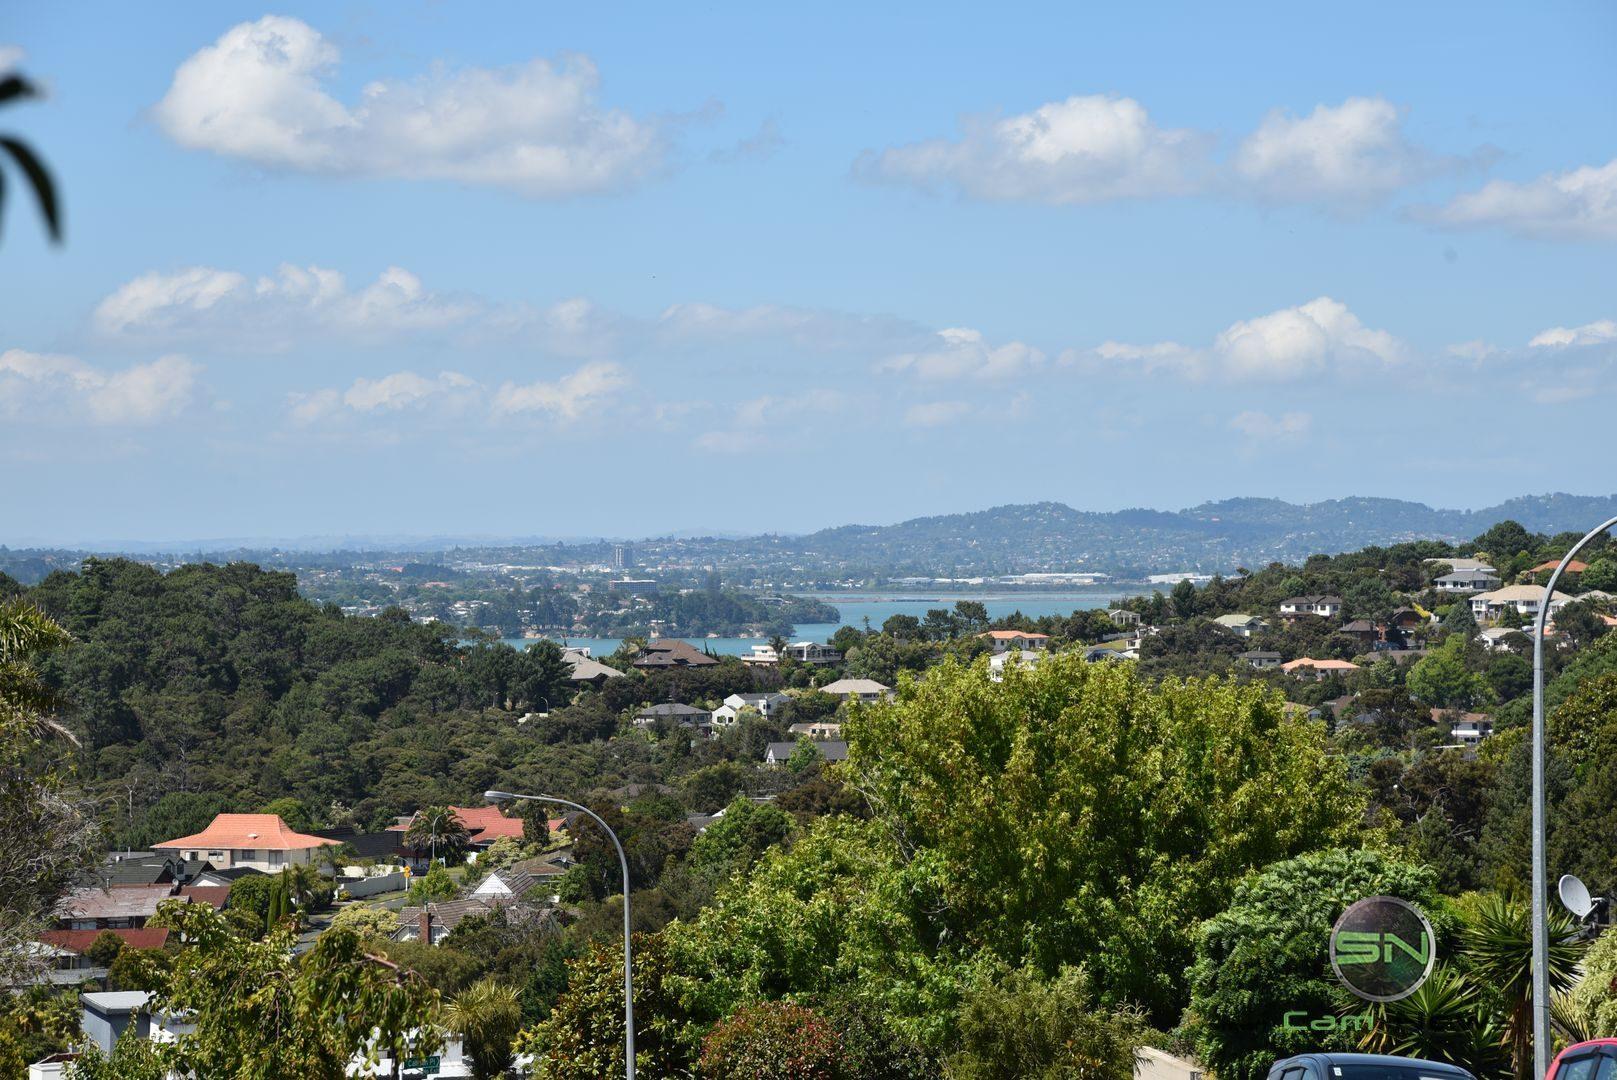 grün so weit das Auge reicht - Neuseeland - Nikon D750 - SmartCamNews